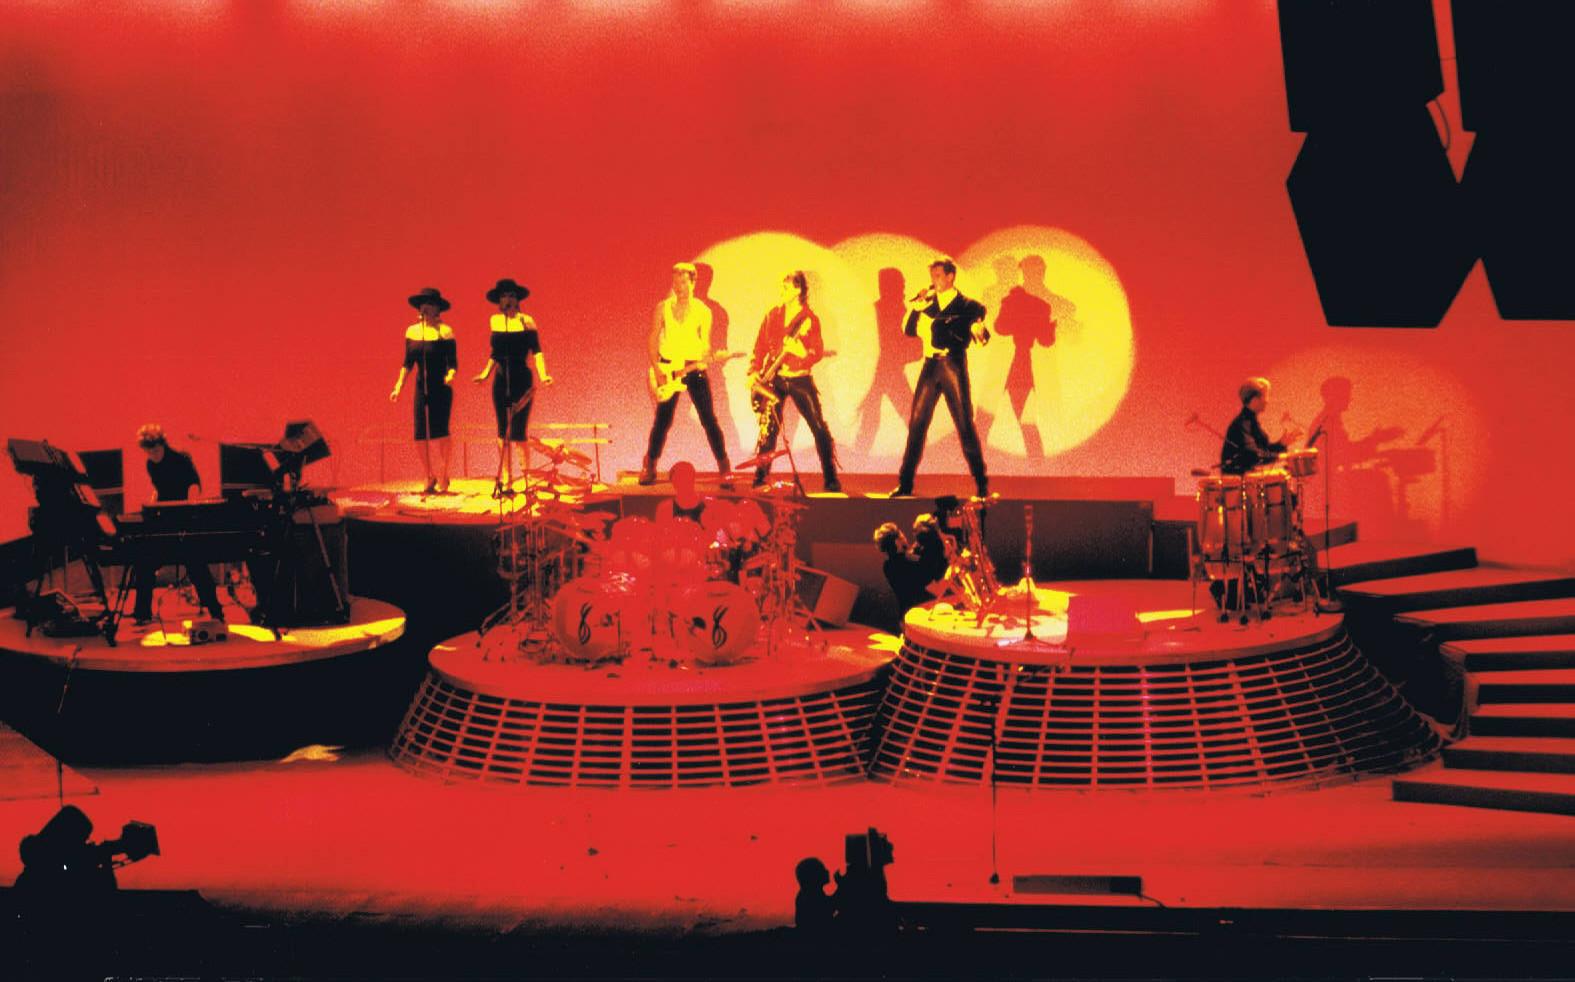 SPANDAU BALLET - 1989